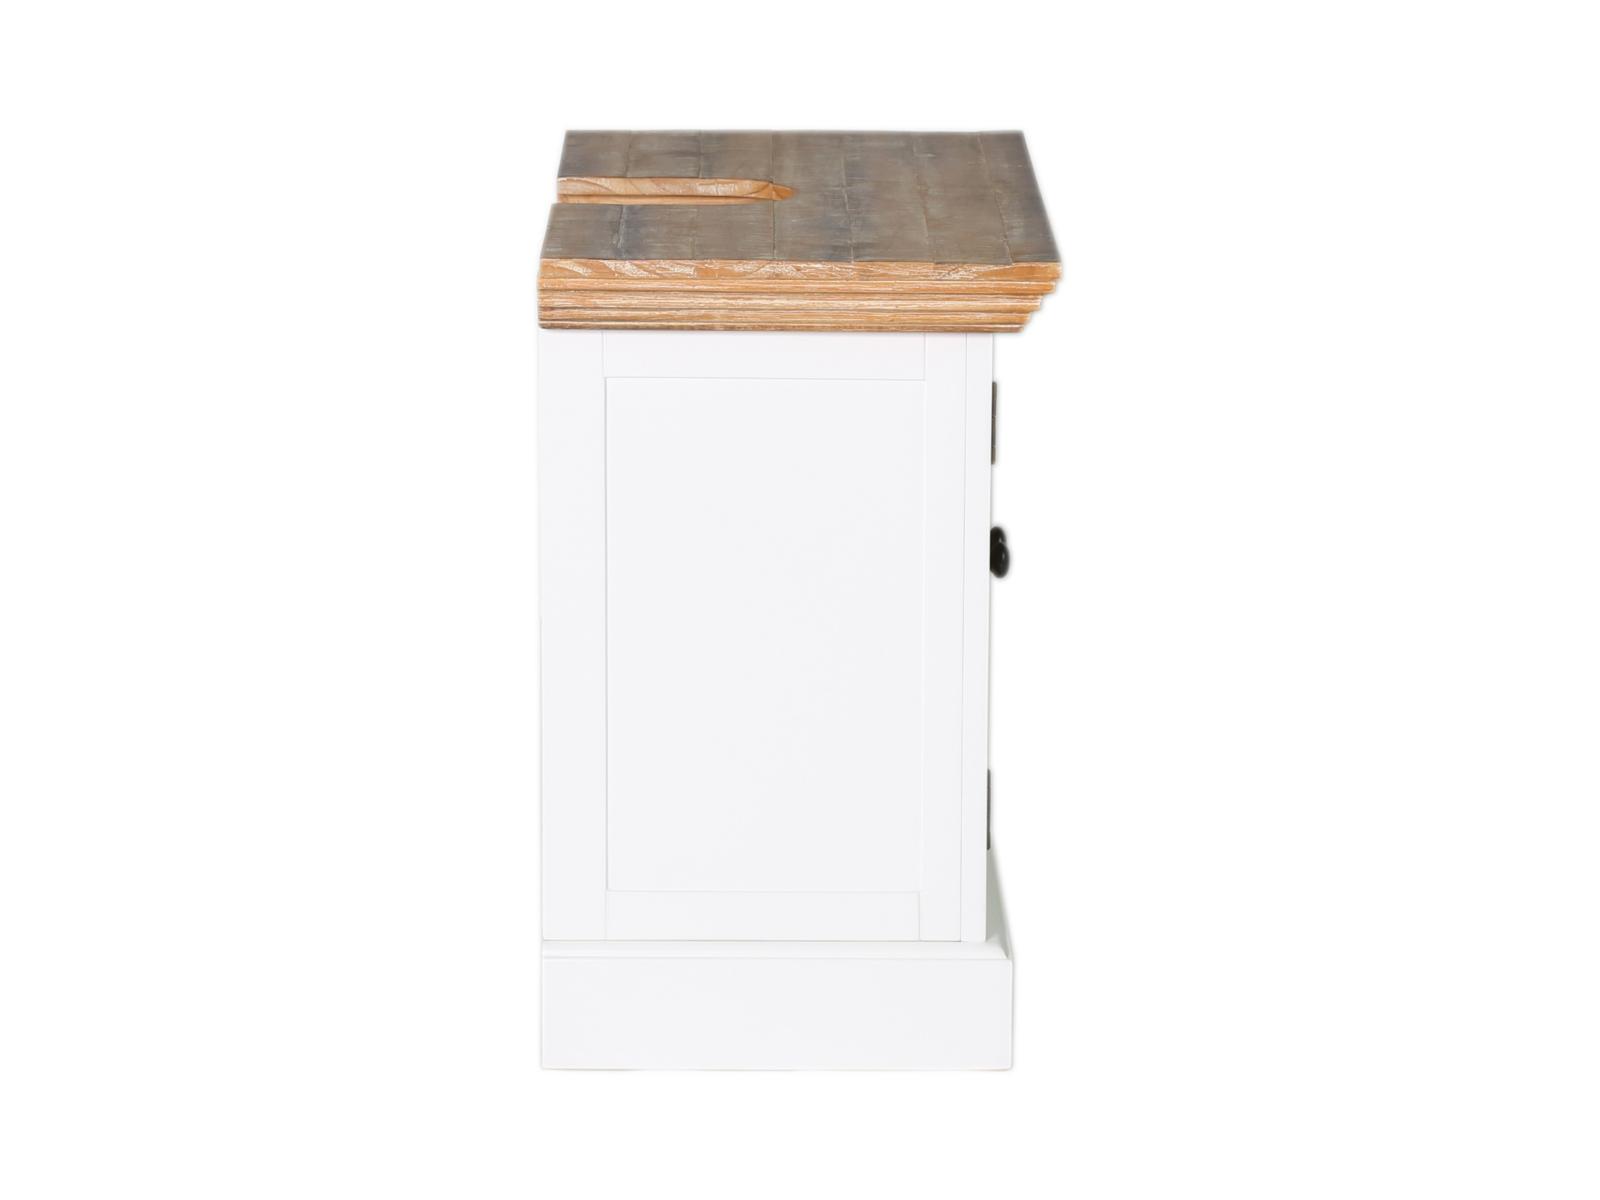 waschbeckenunterschrank manila holz pinie mdf wei badm bel unterschrank m bel. Black Bedroom Furniture Sets. Home Design Ideas